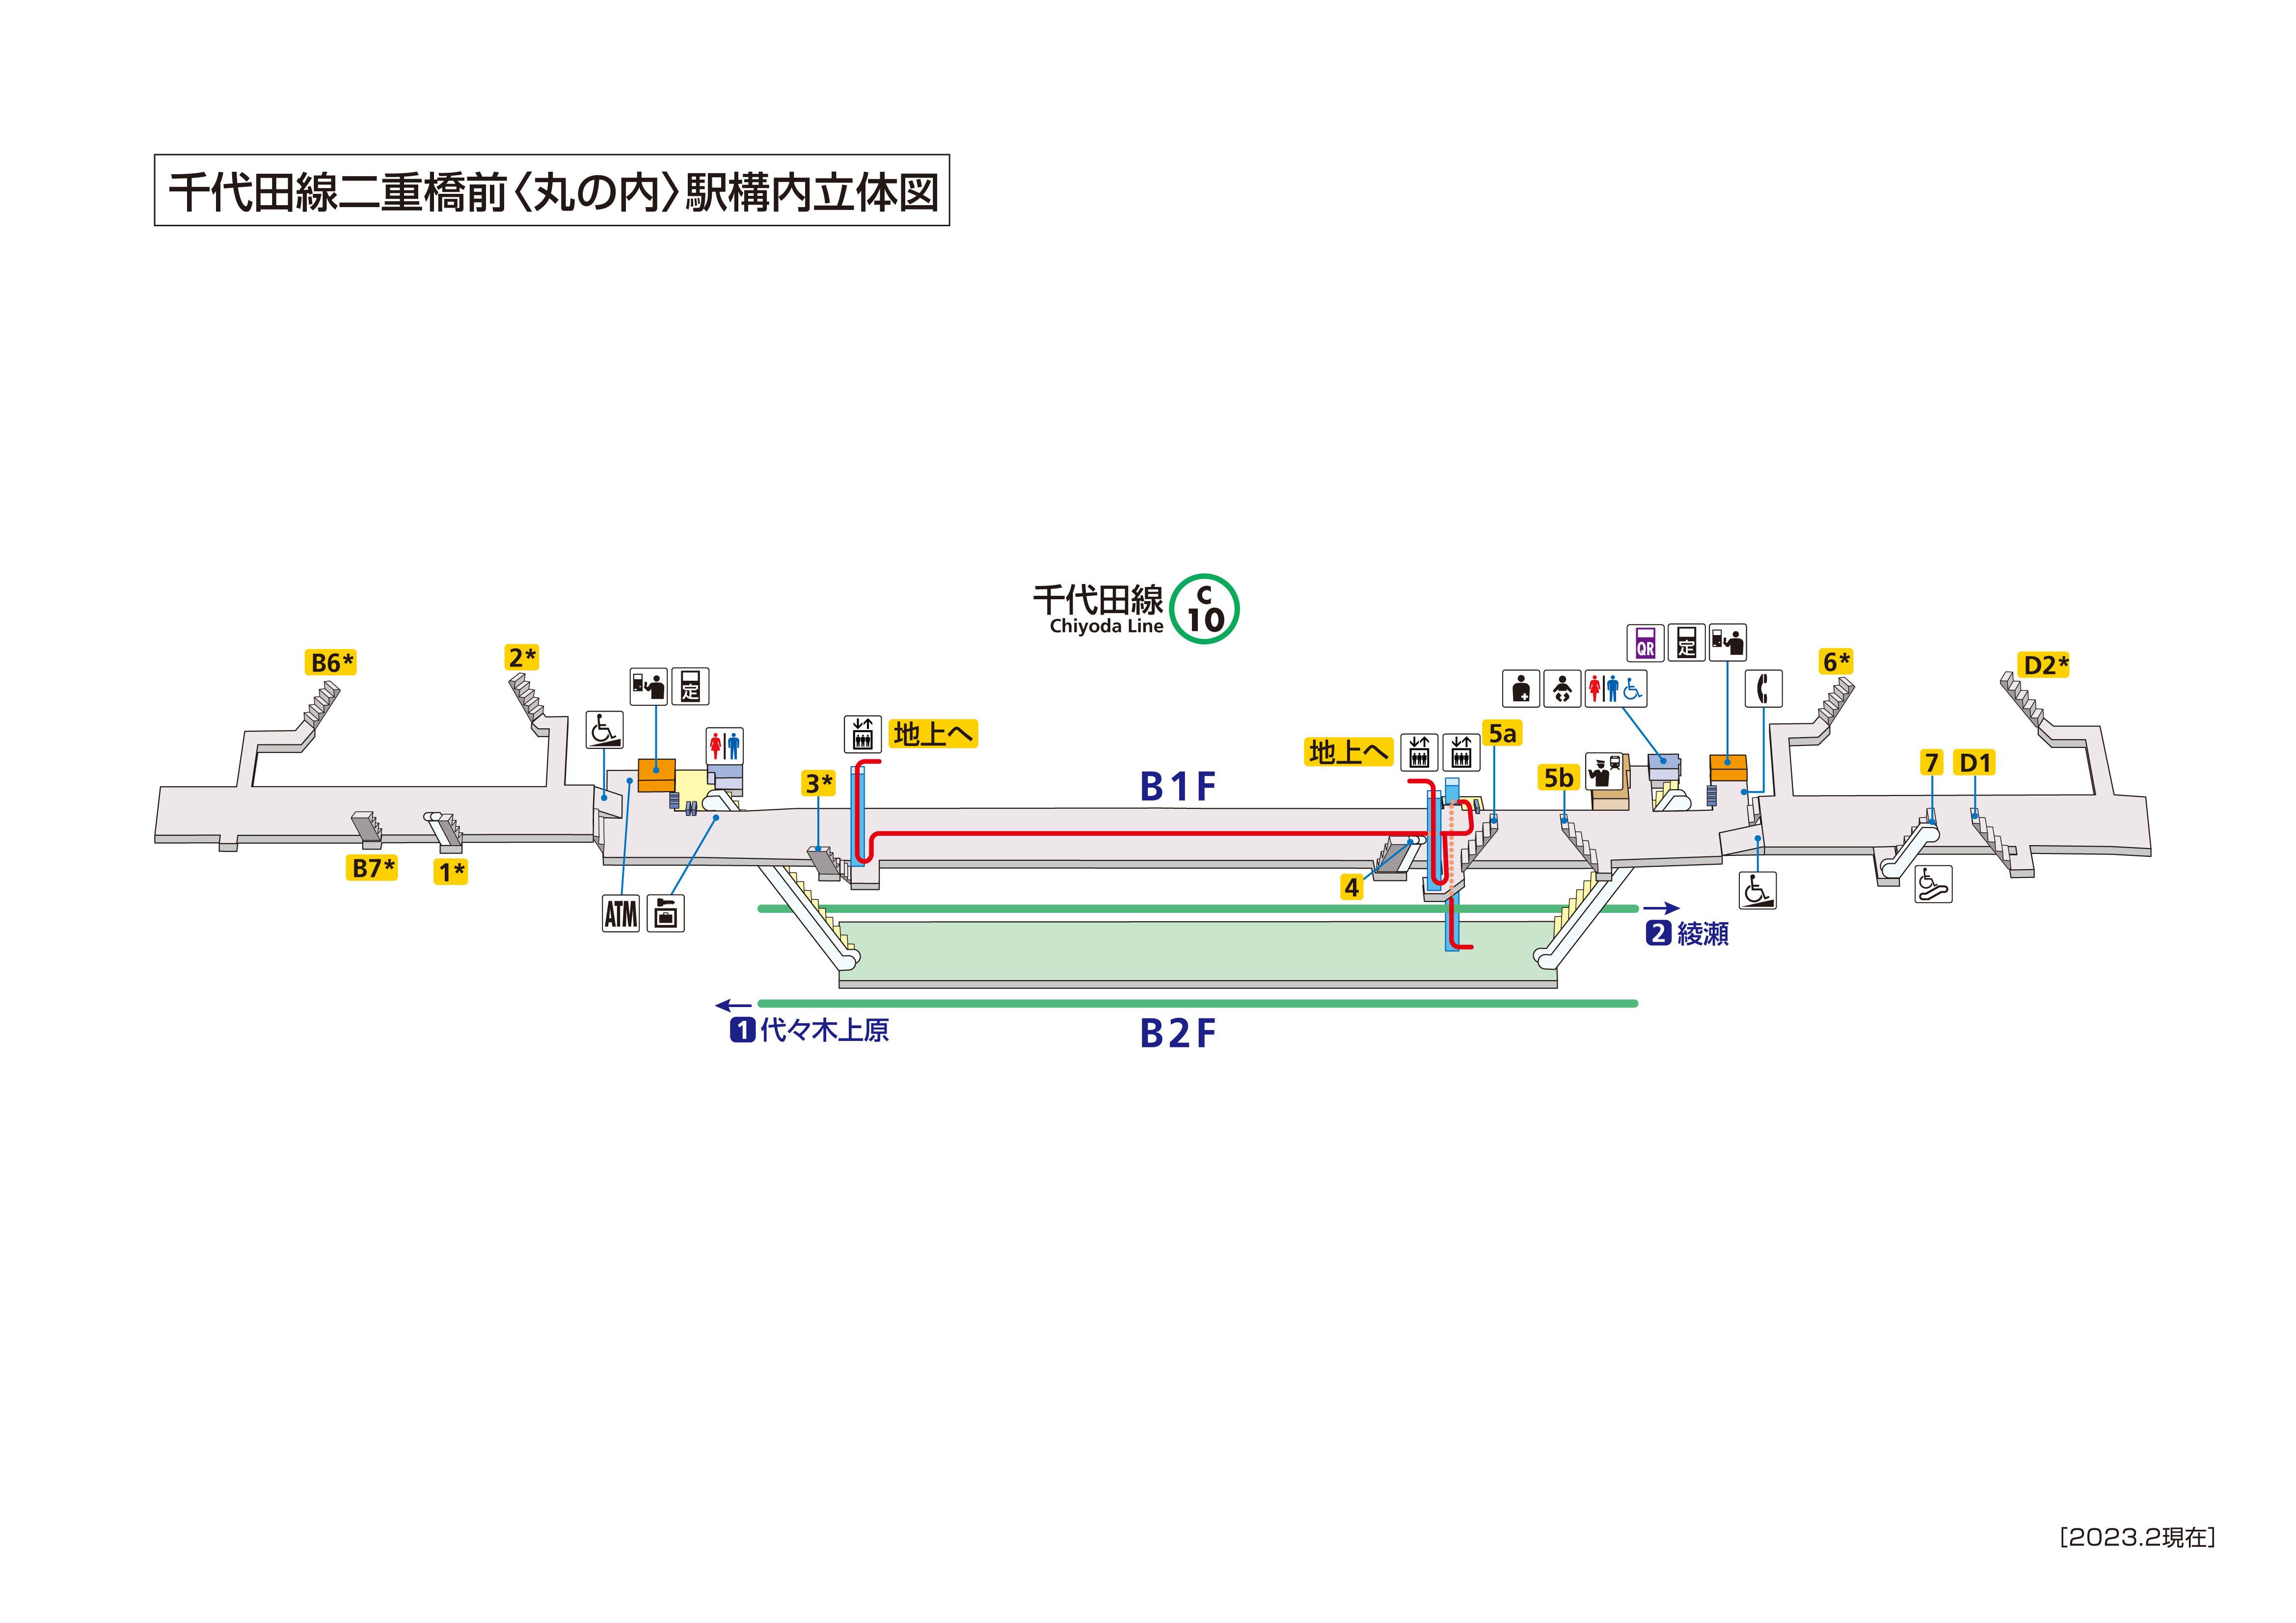 二重橋前〈丸の内〉駅/C10 | 路線・駅の情報 | 東京メトロ